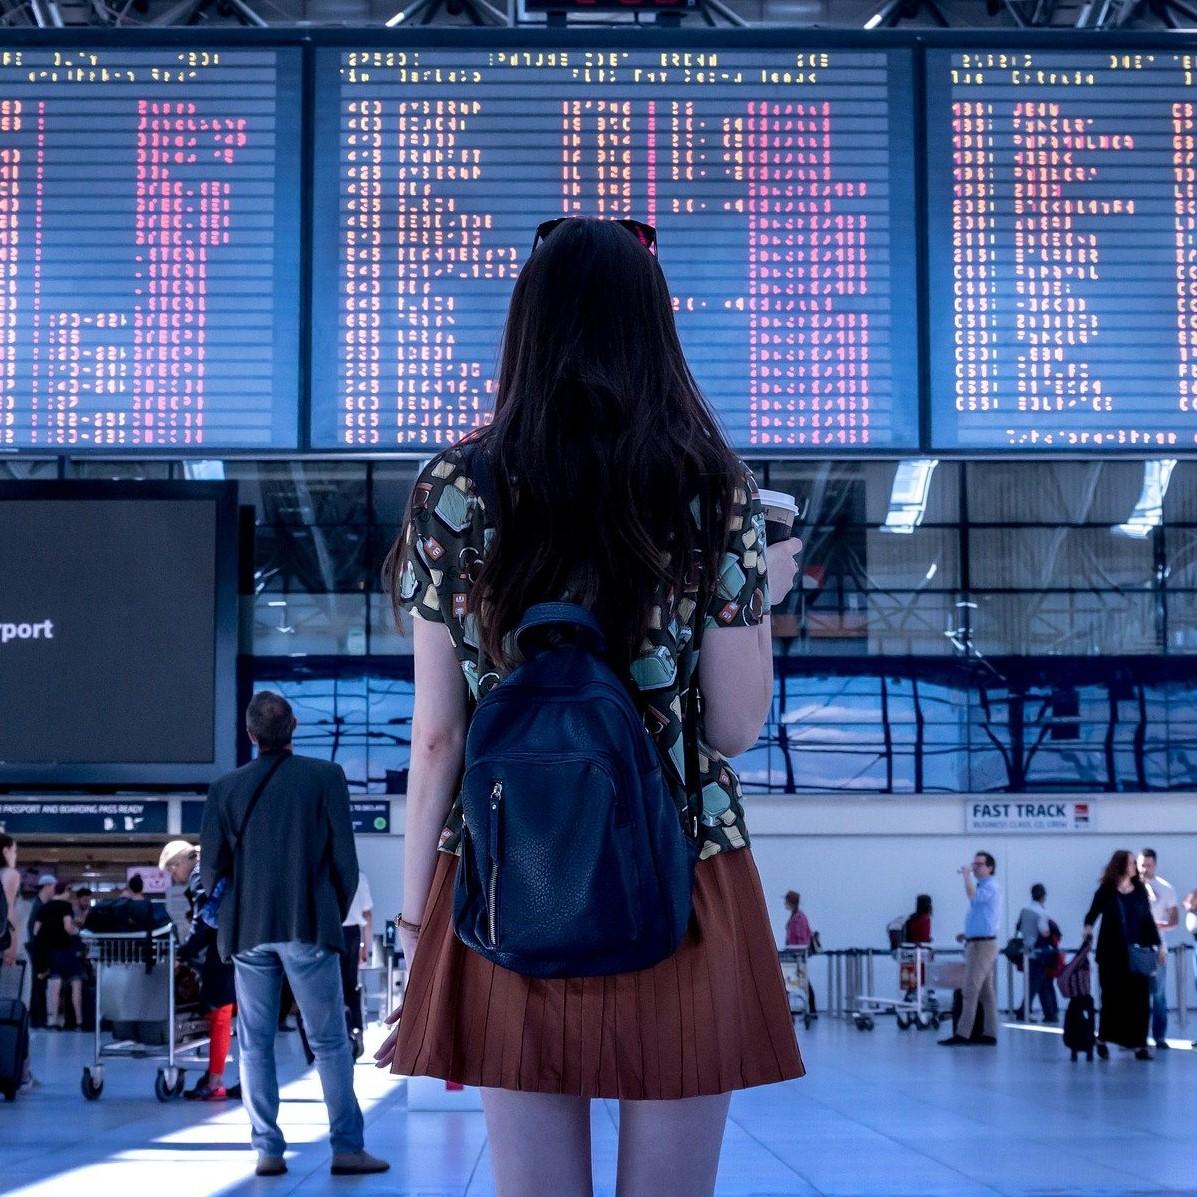 Covid, un an après : une nouvelle idée du tourisme ? image